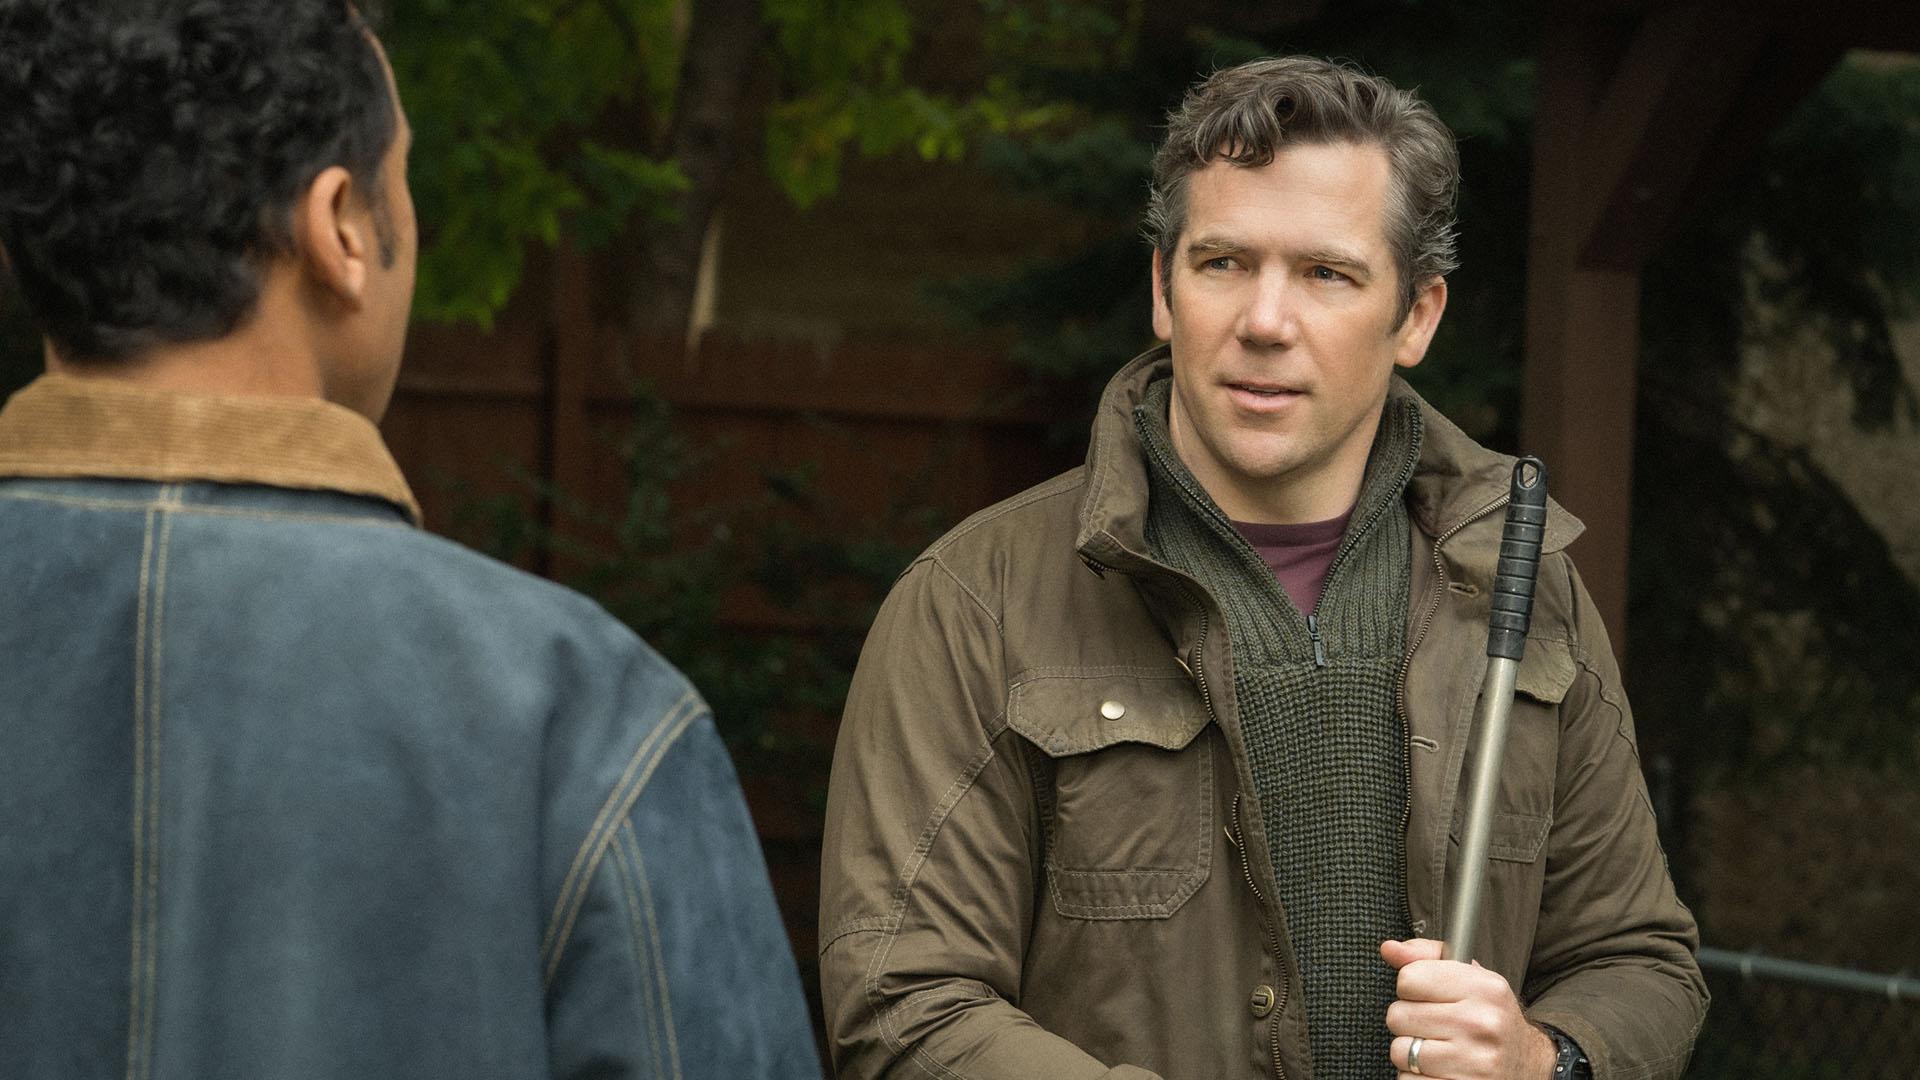 Patrick Brammall as Andy Bouchard